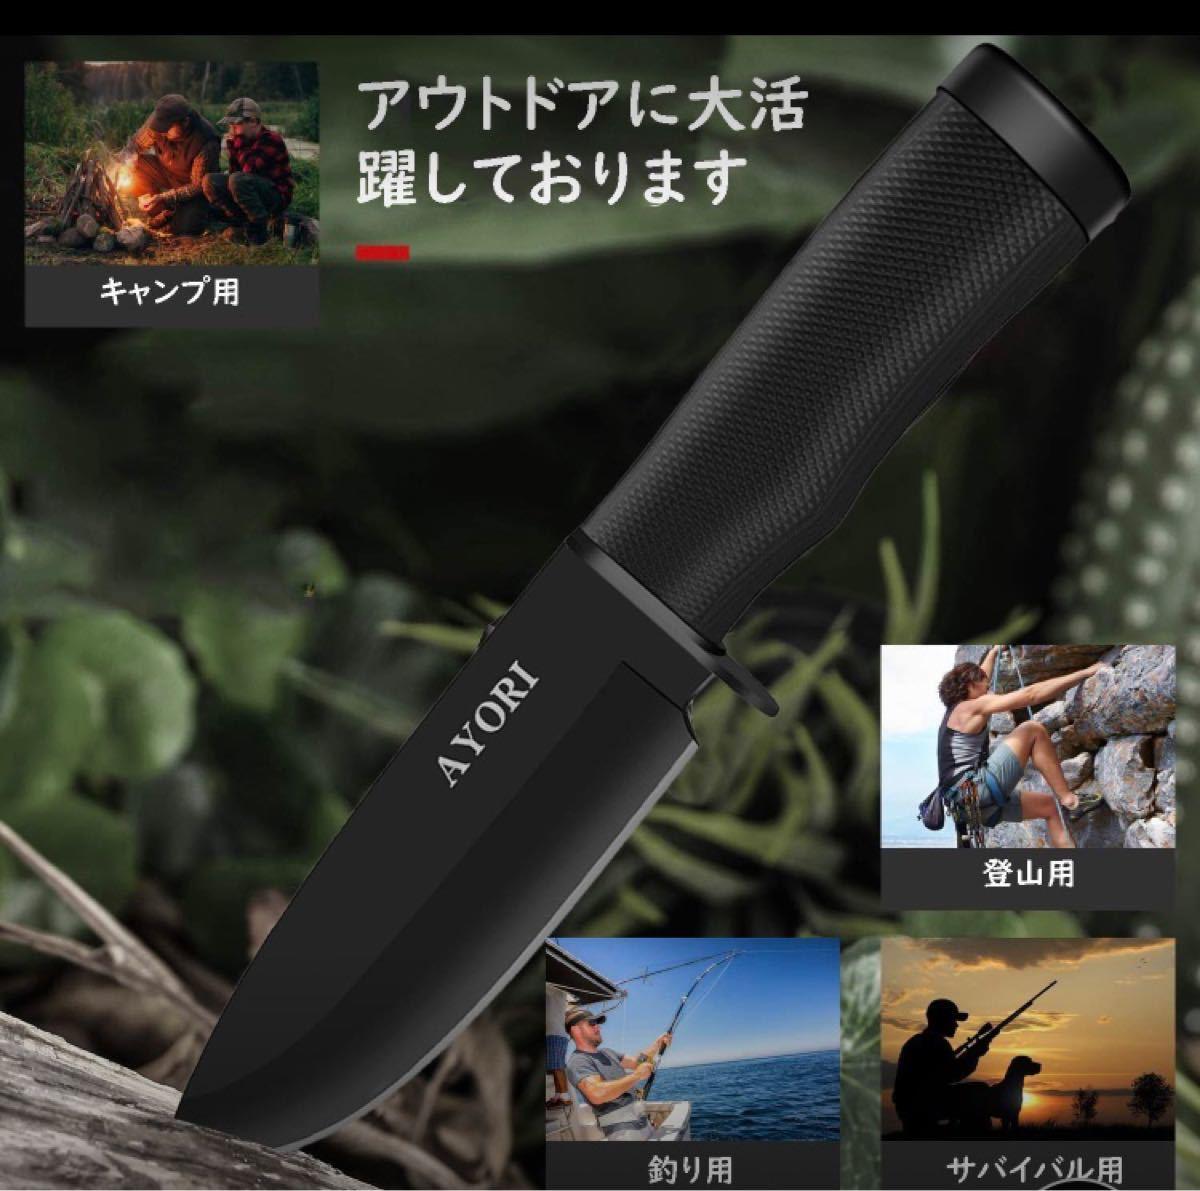 サバイバルナイフ 切れ味良い フィッシングナイフ 全長225mm